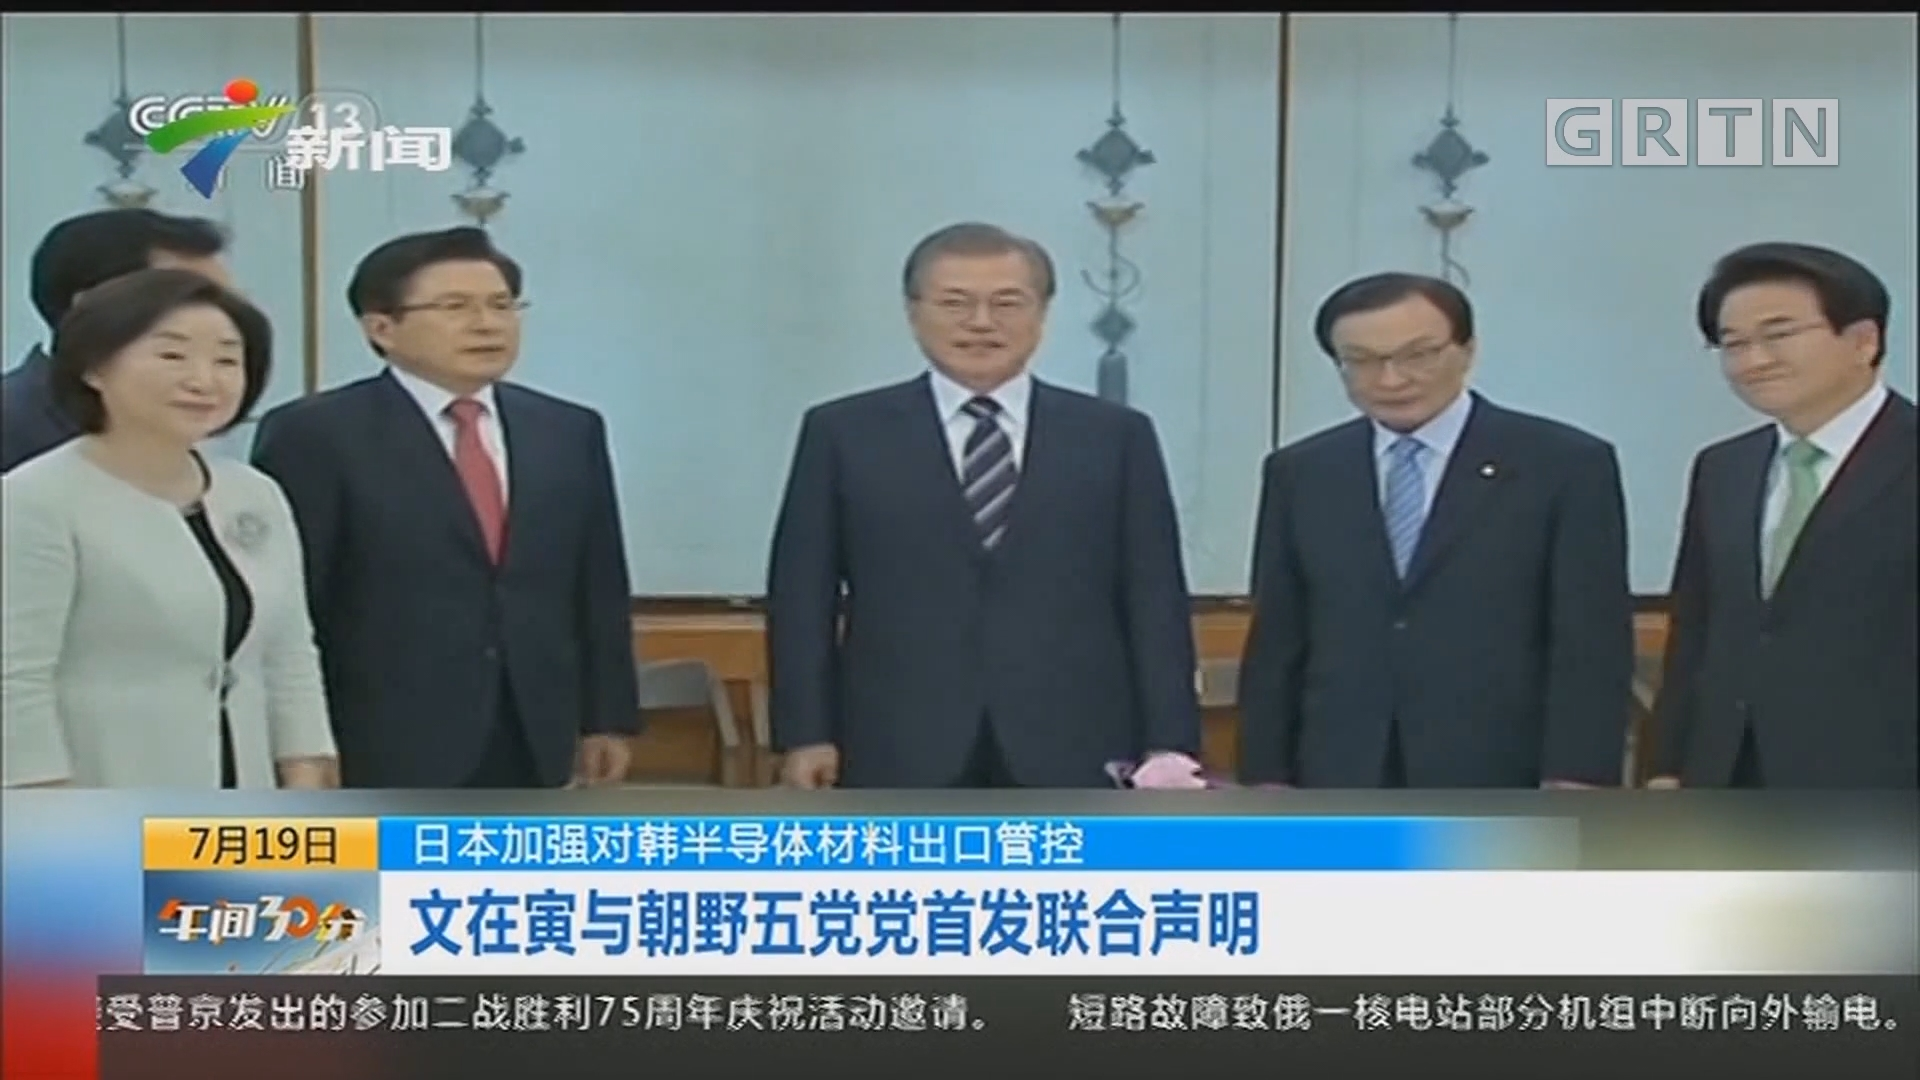 日本加强对韩半导体材料出口管控:文在寅与朝野五党党首发联合声明